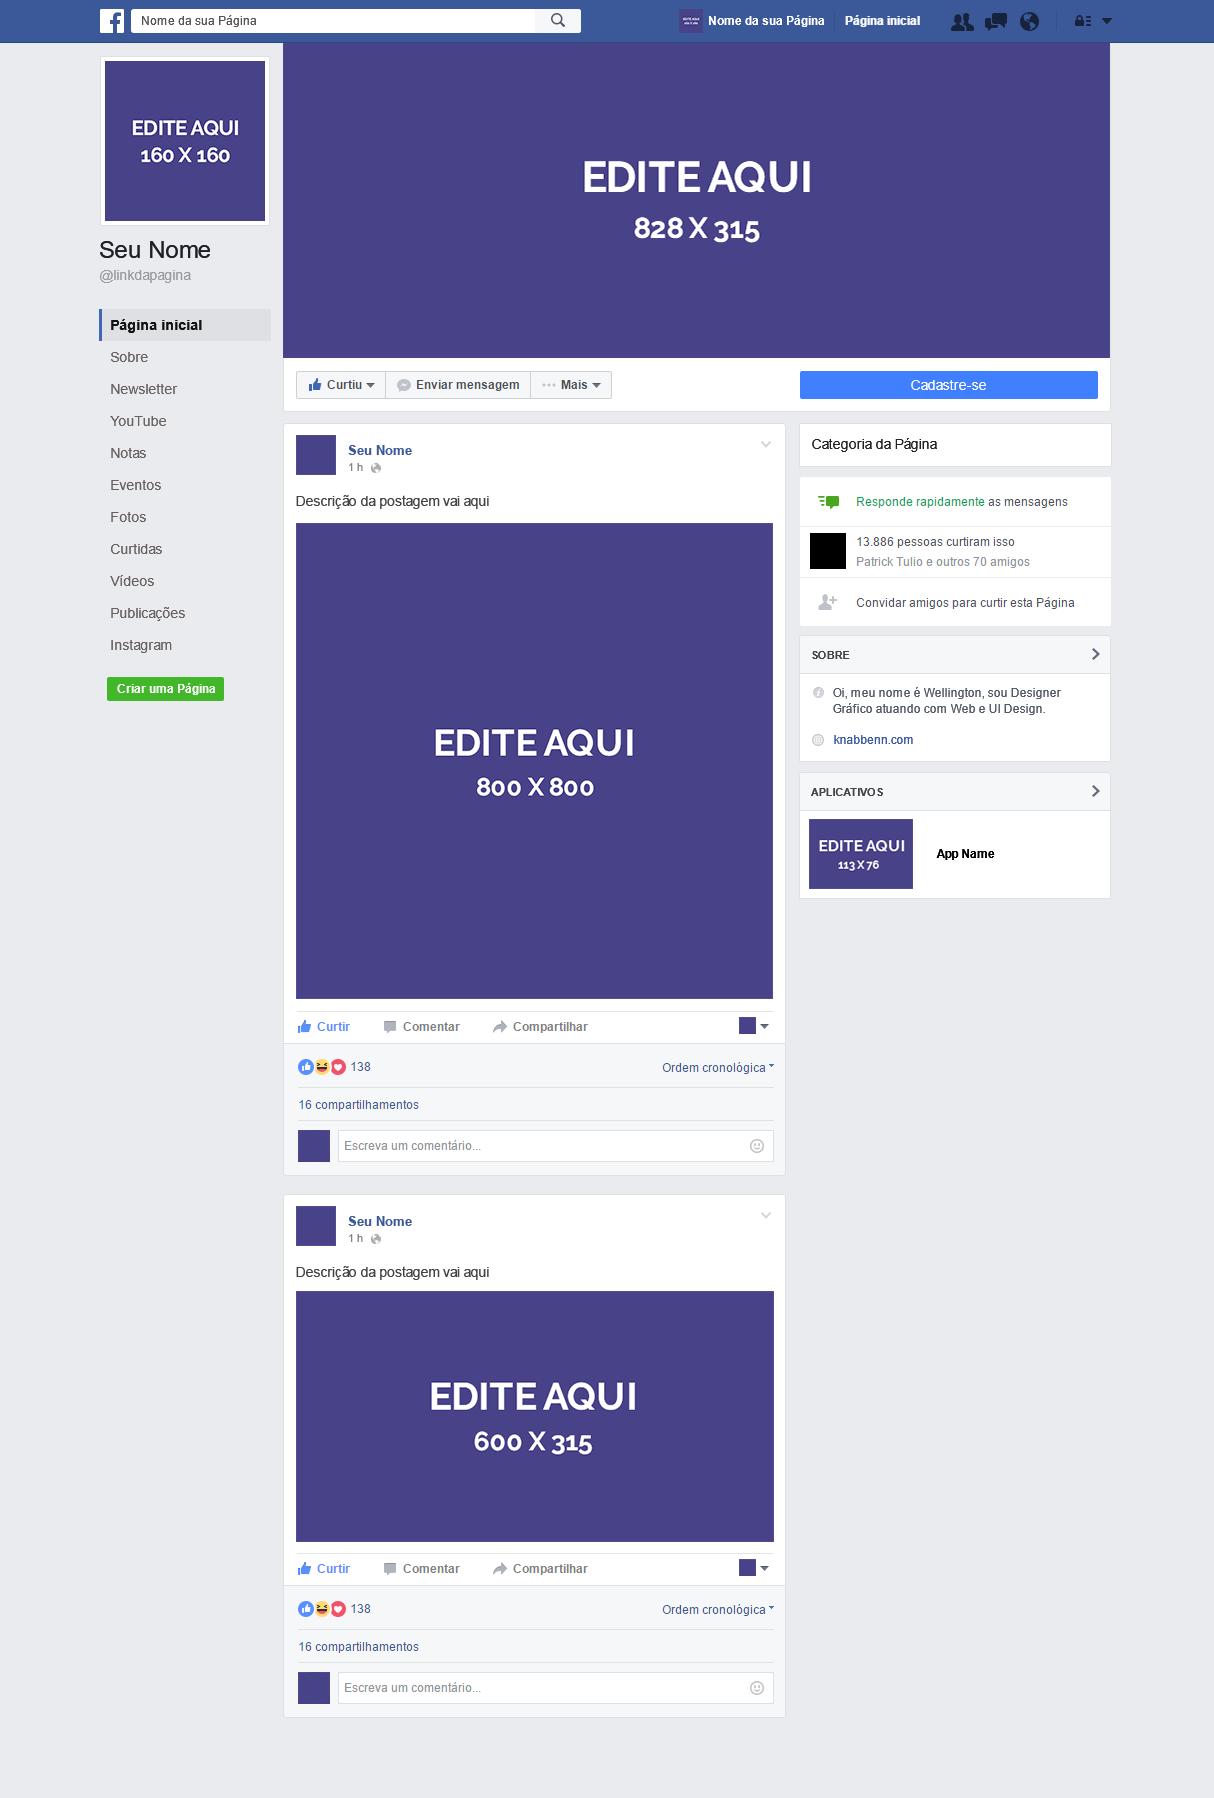 Novo Layout de Página do Facebook